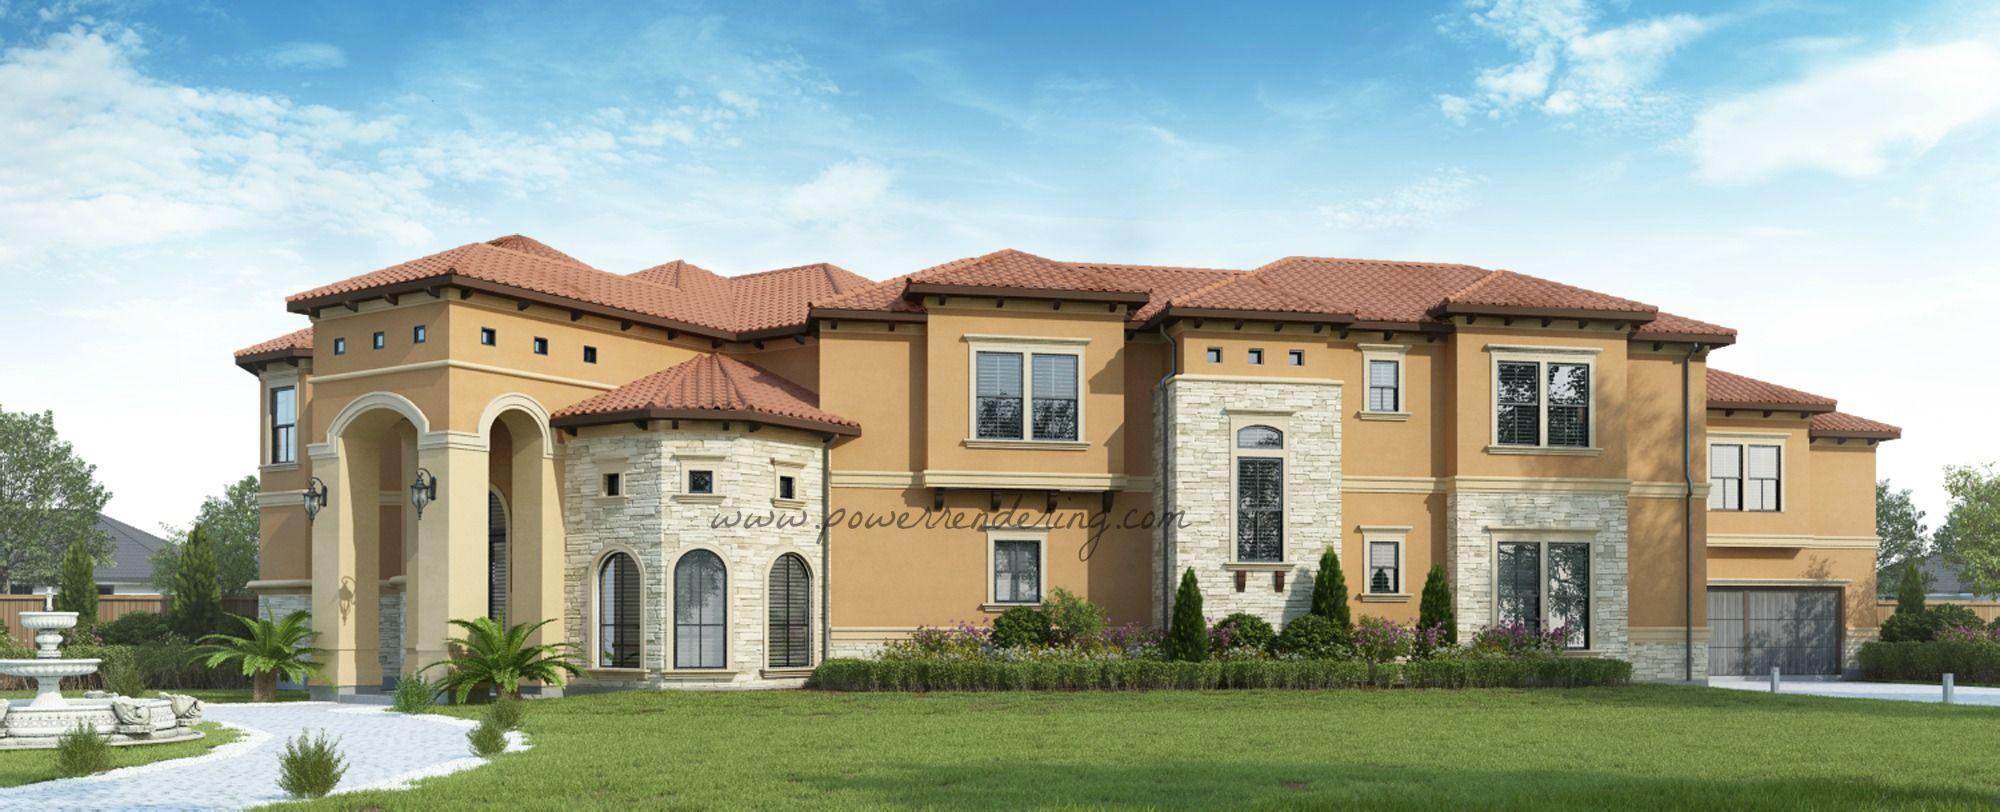 3D External Residential Render